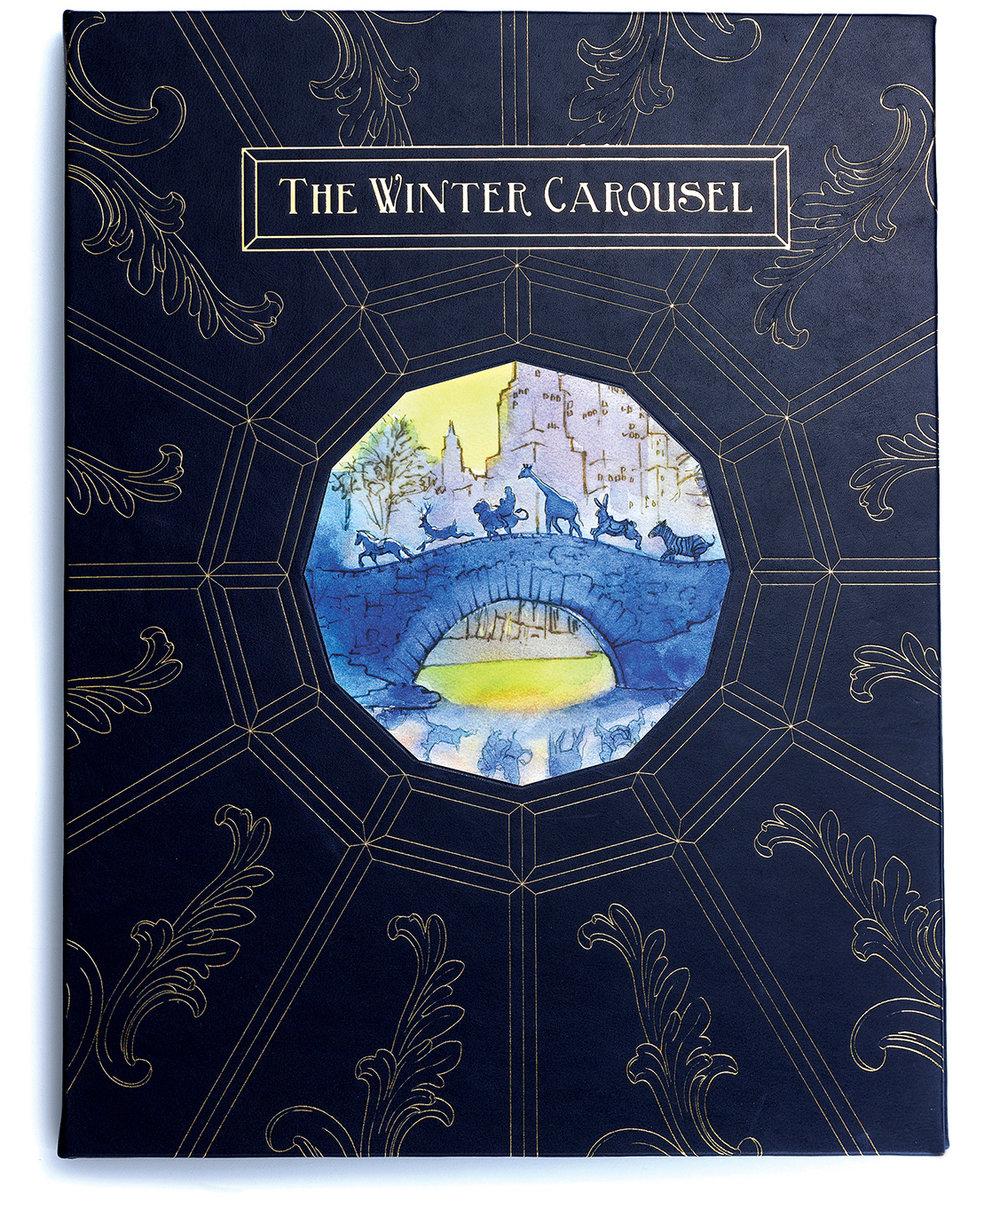 WinterCarousel_cover.jpg